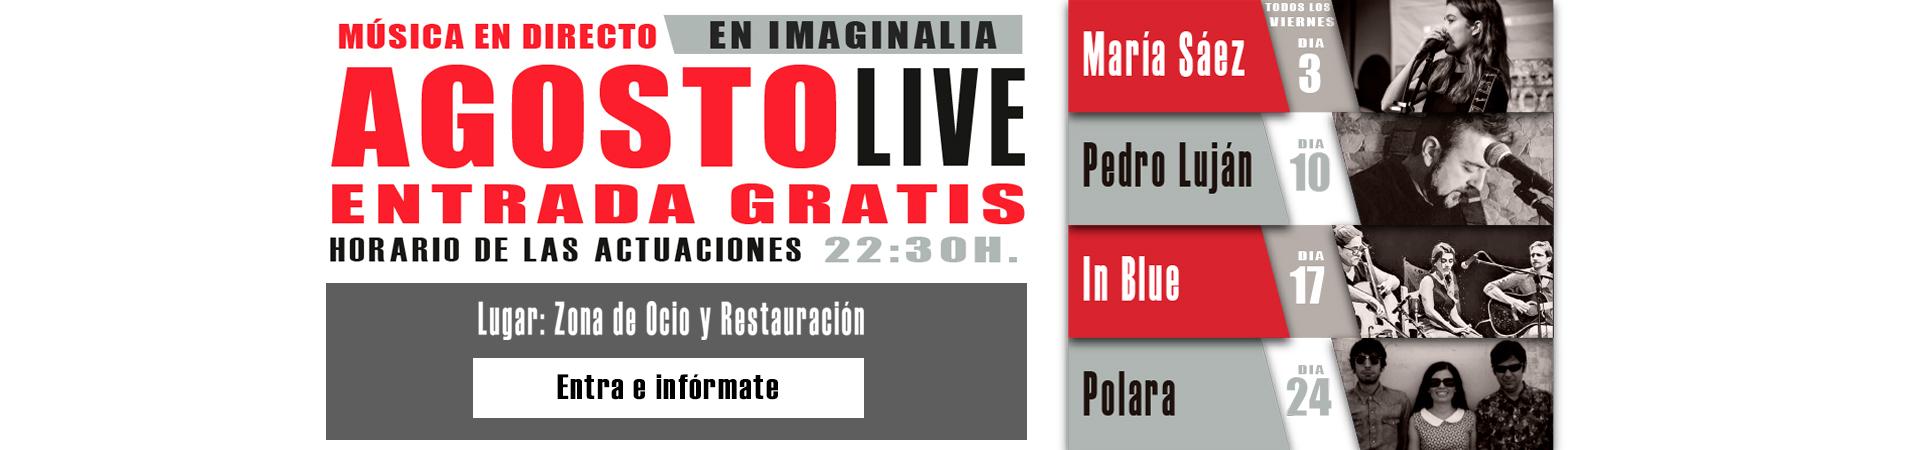 agosto-live-imaginalia-albacete